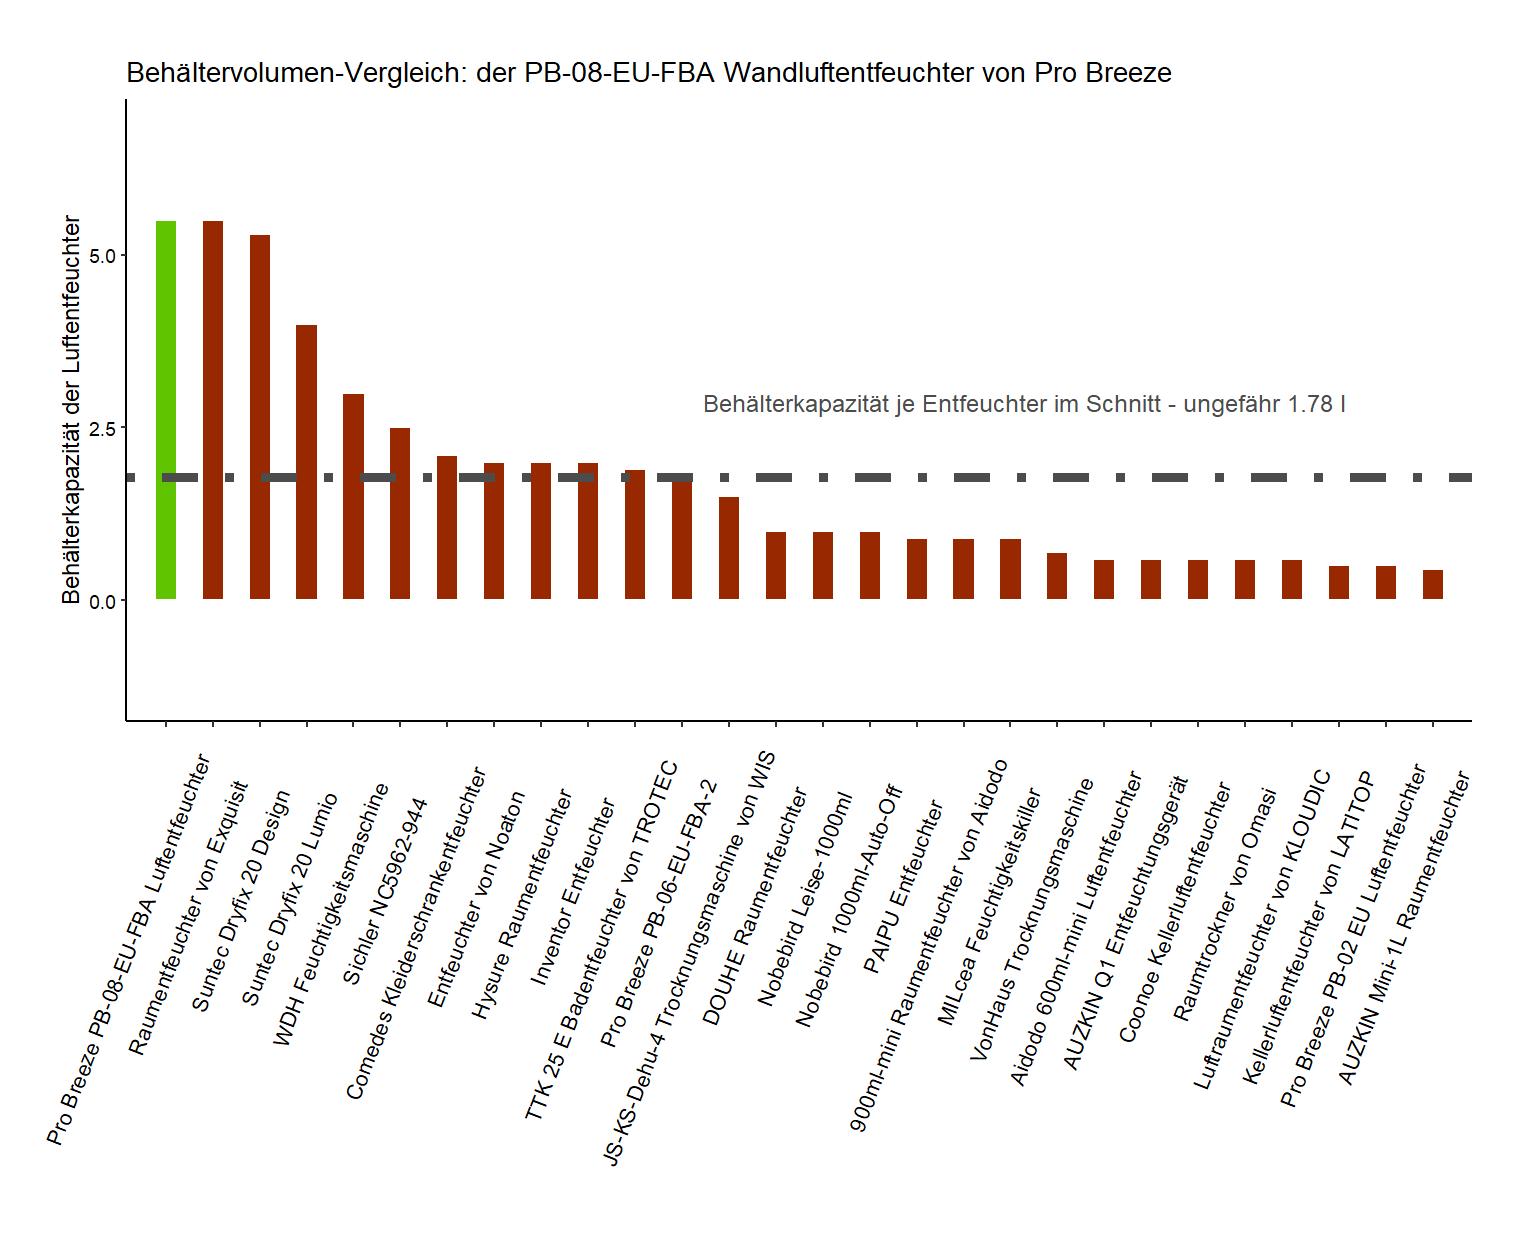 Behälterkapazität-Vergleich von dem Pro Breeze Entfeuchter PB-08-EU-FBA